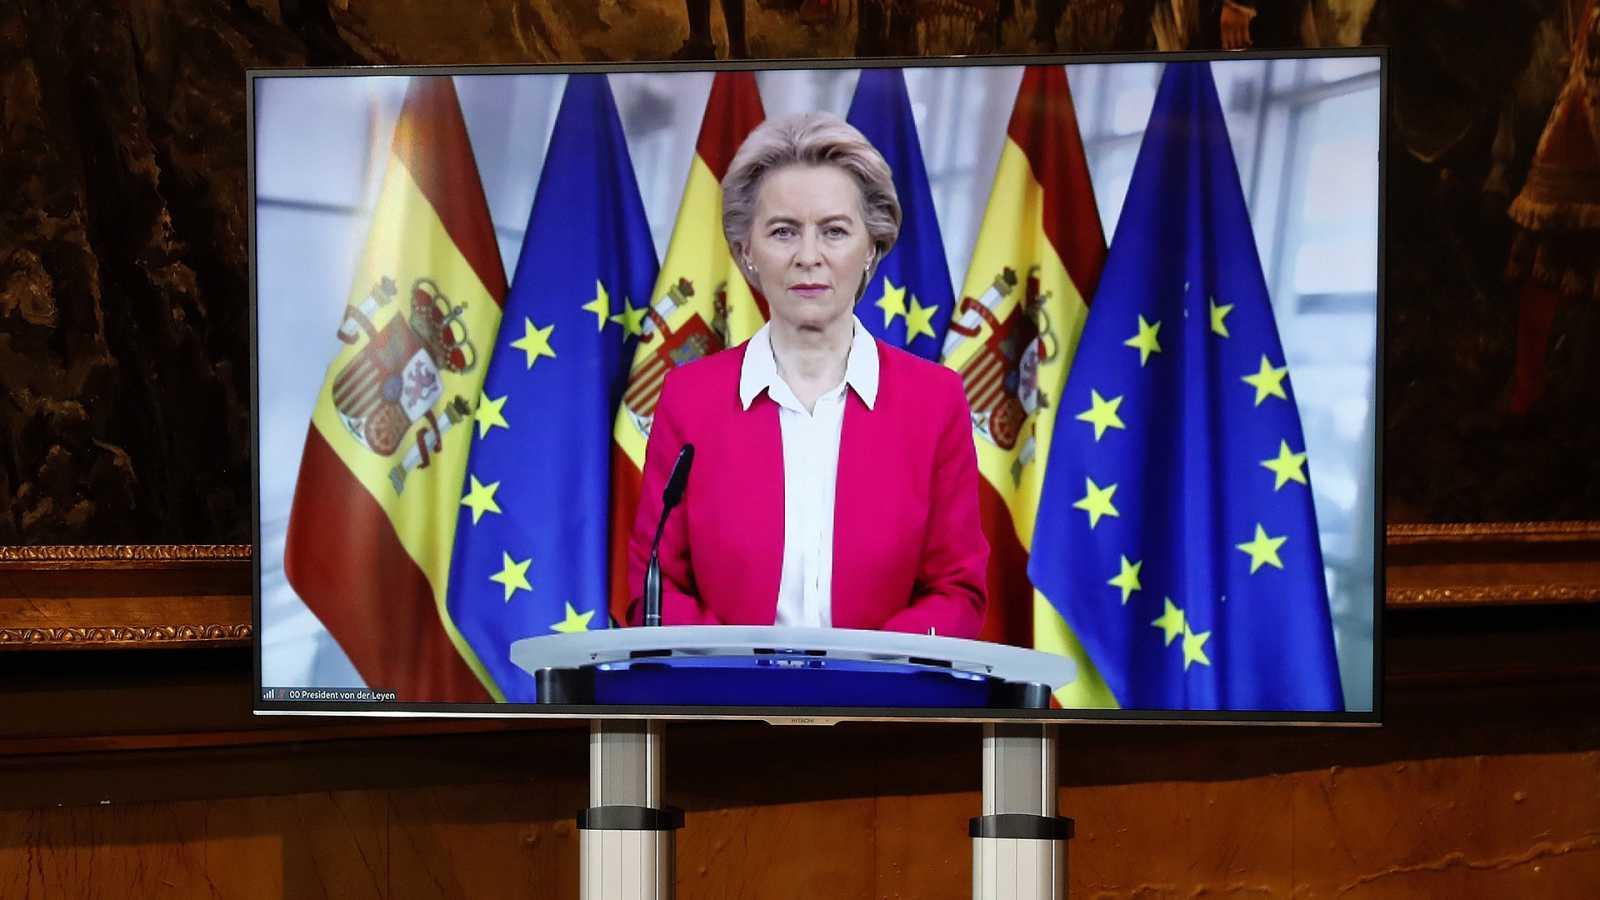 Europa abierta - Úrsula von der Leyen en la Conferencia de Presidentes Autonómicos - 26/10/20 - Escuchar ahora